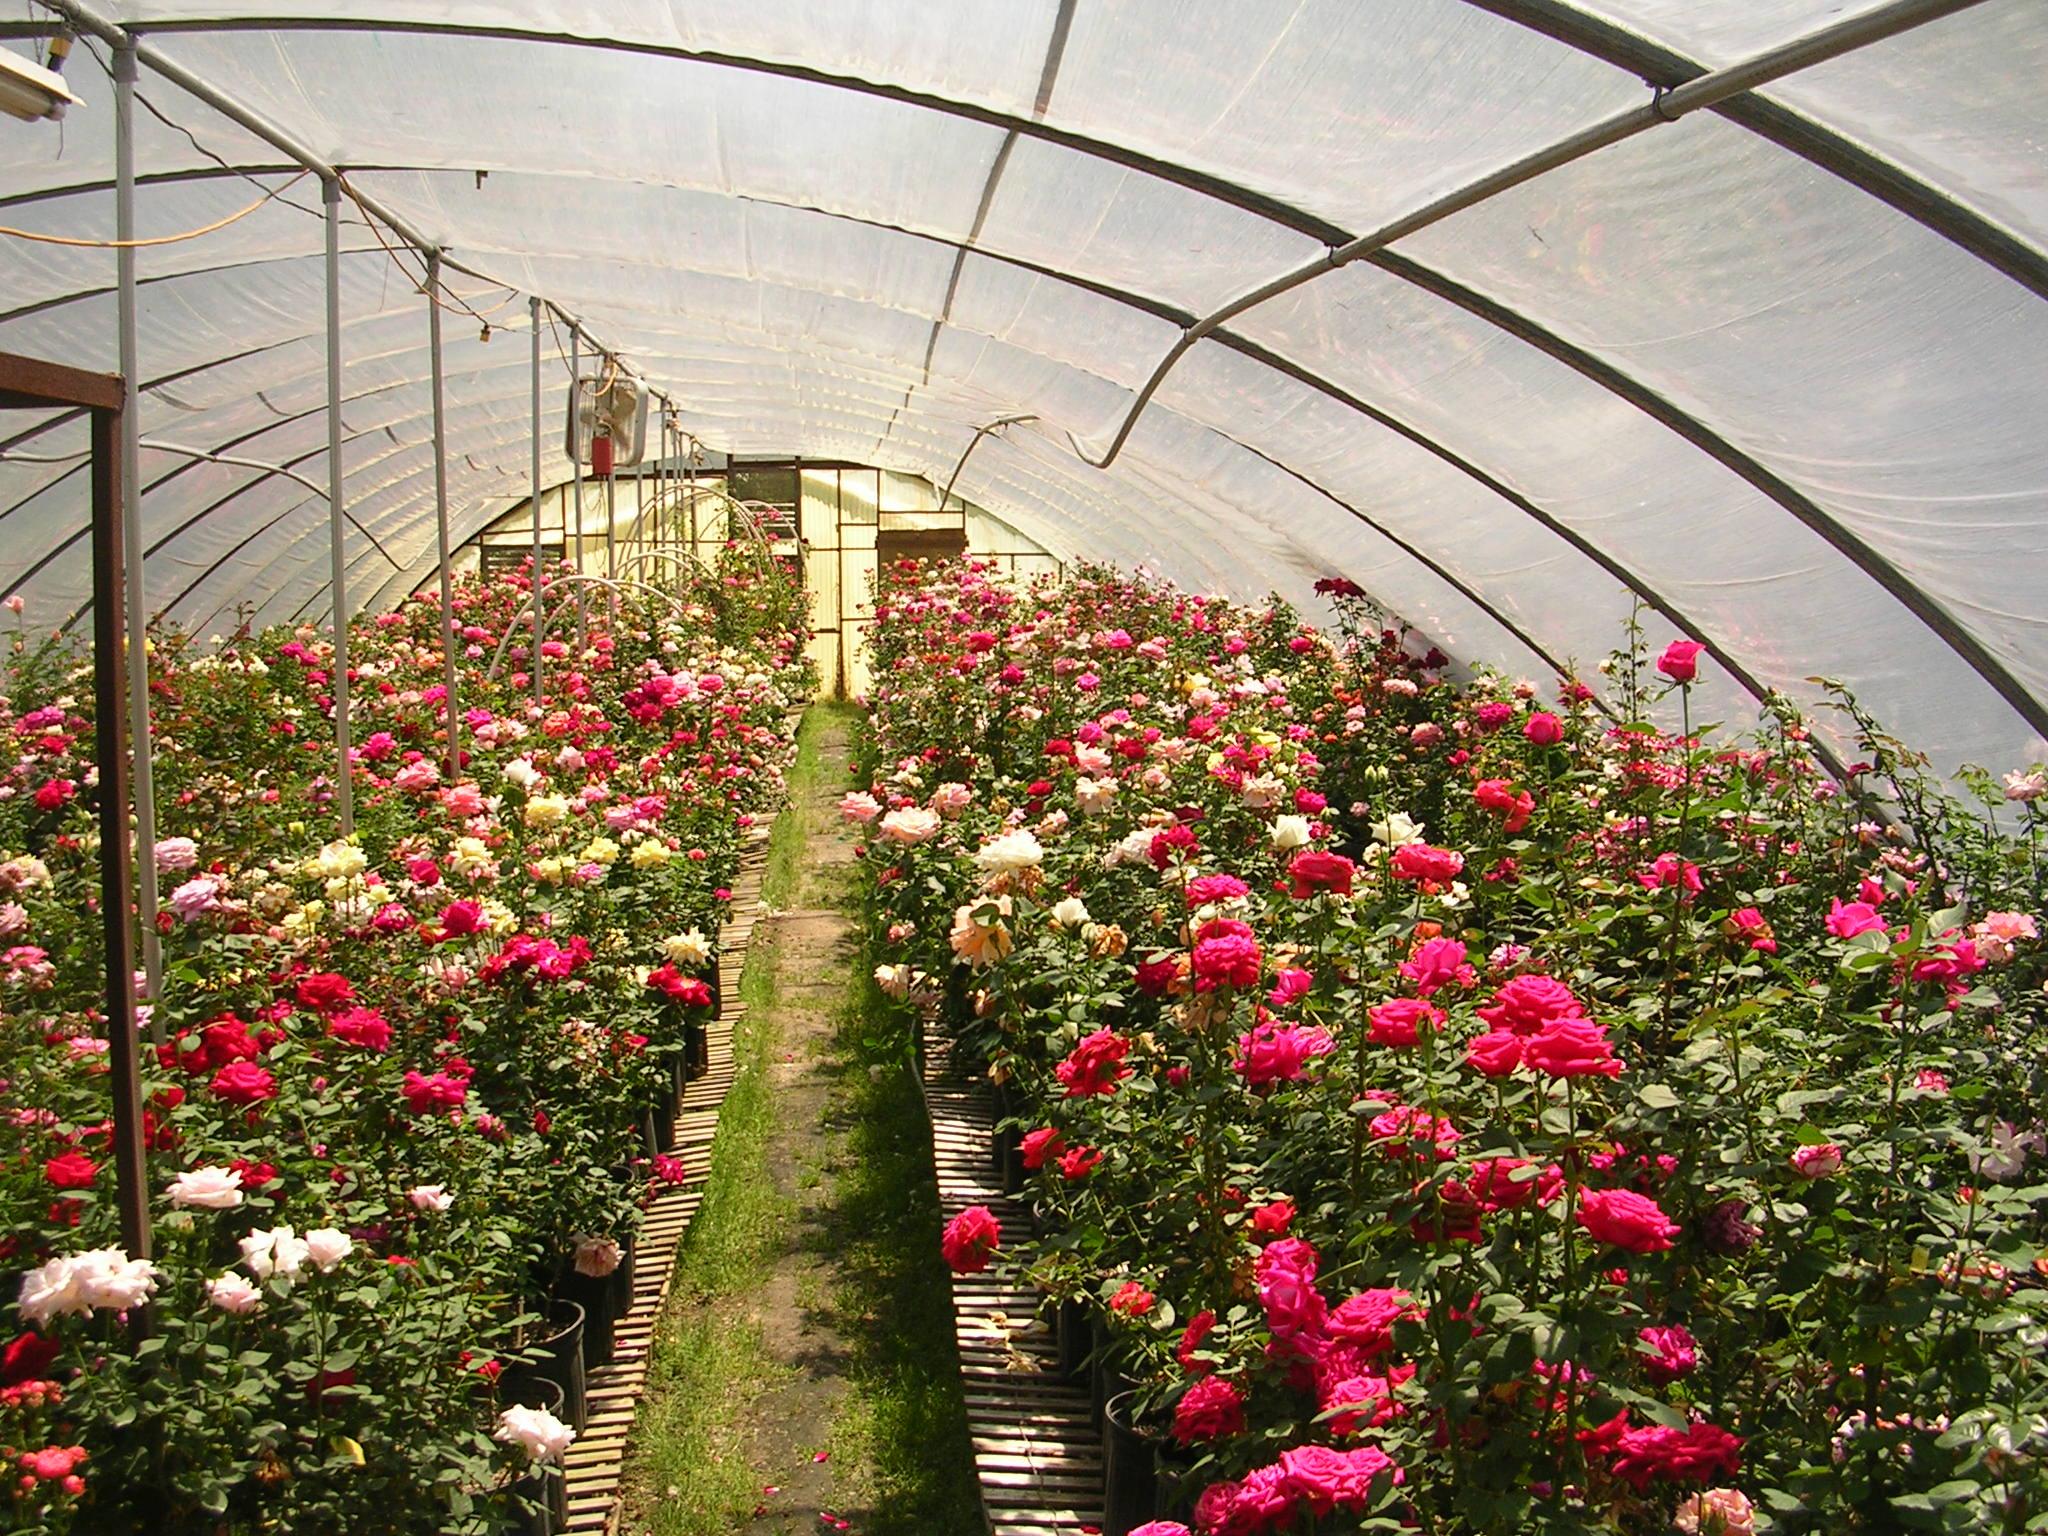 Цветы из теплицы купить, воронеже круглосуточно